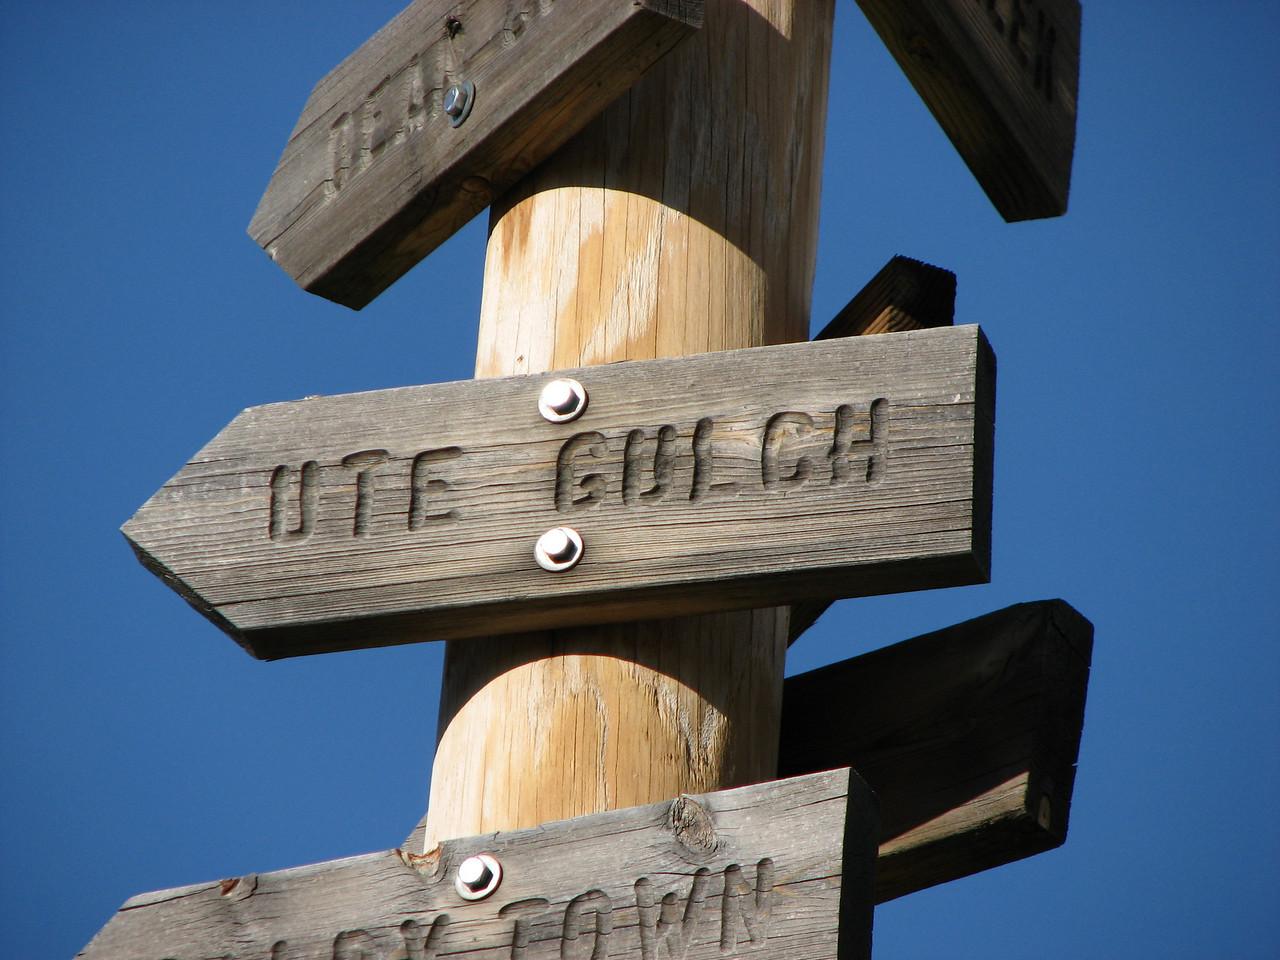 The sign at base camp